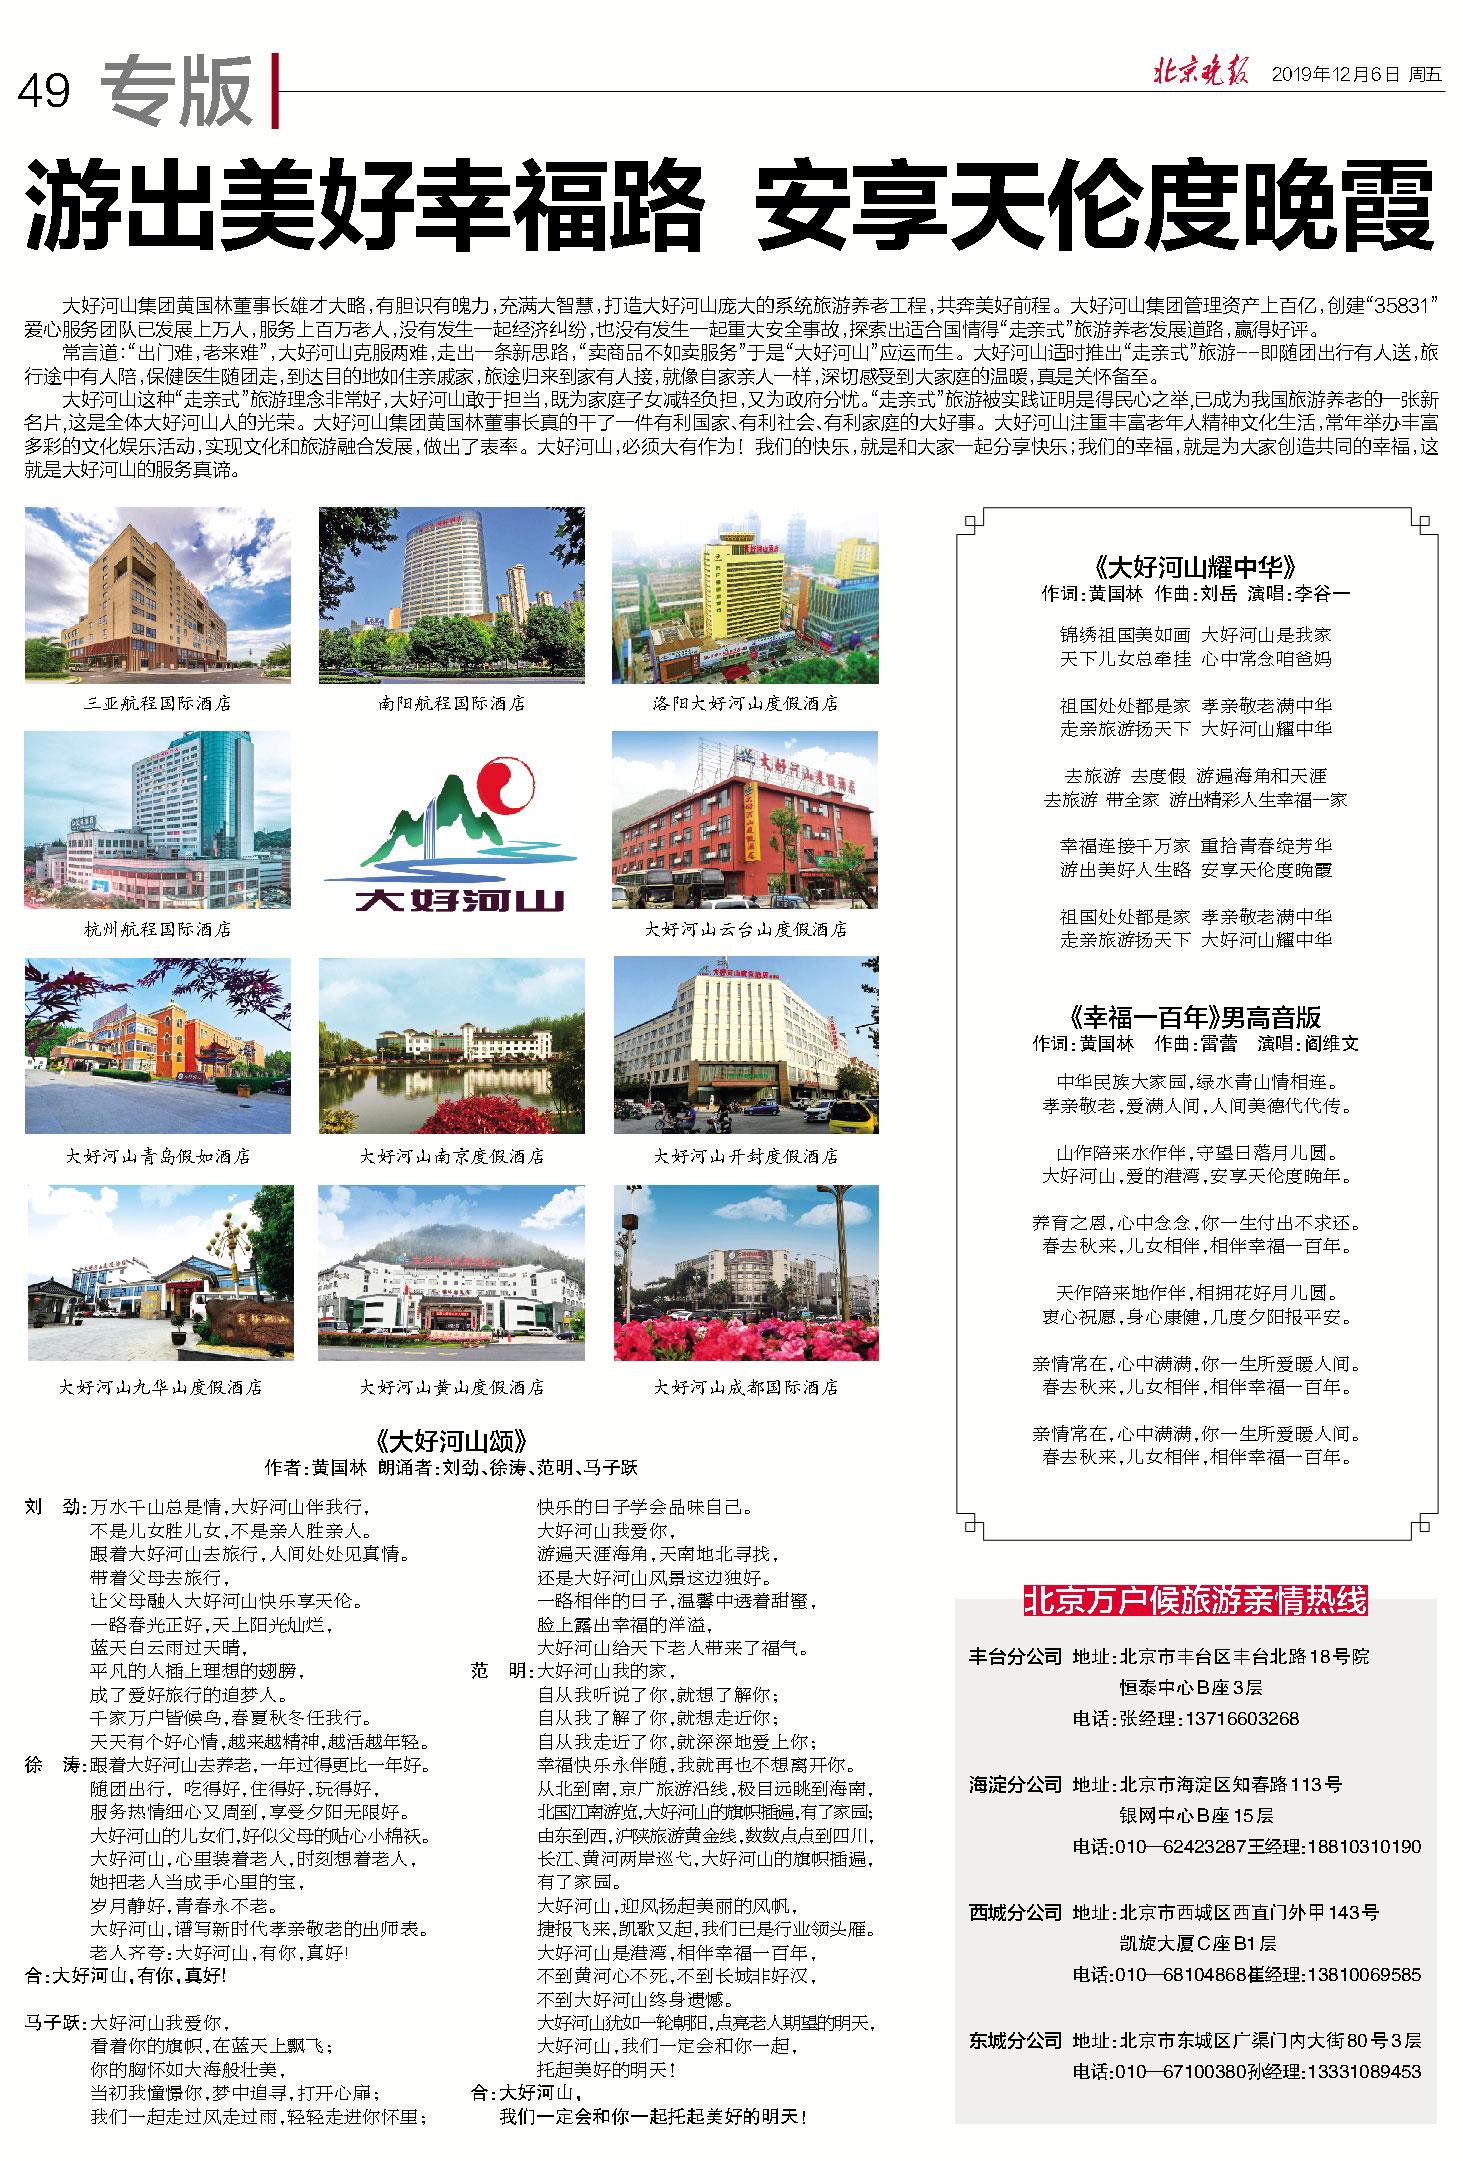 北京晚报 2019-12-06 专版49